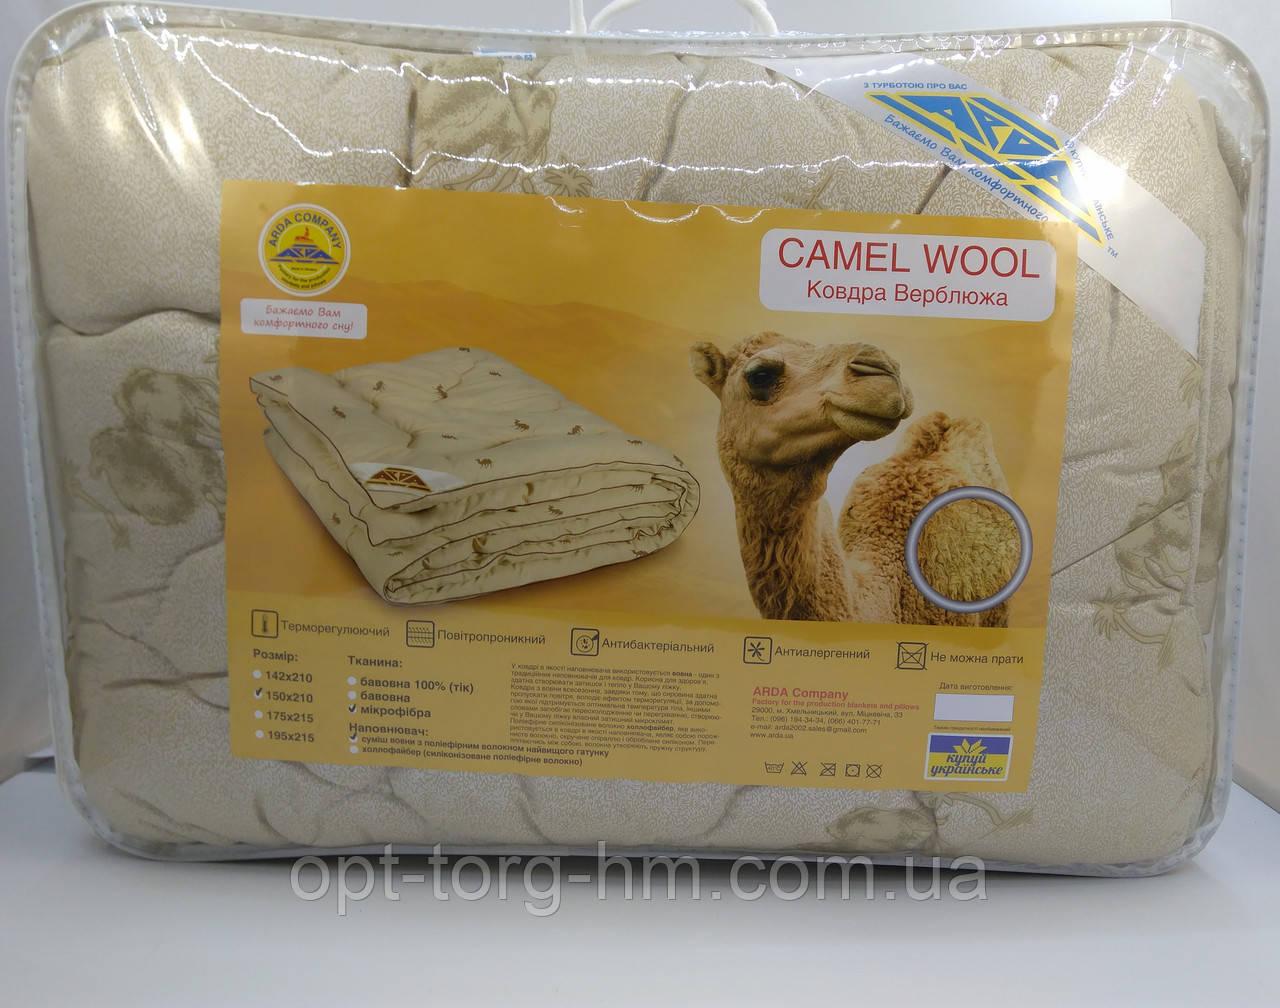 Одеяло Camel Wool (микрофибра) ARDA Company 195*215